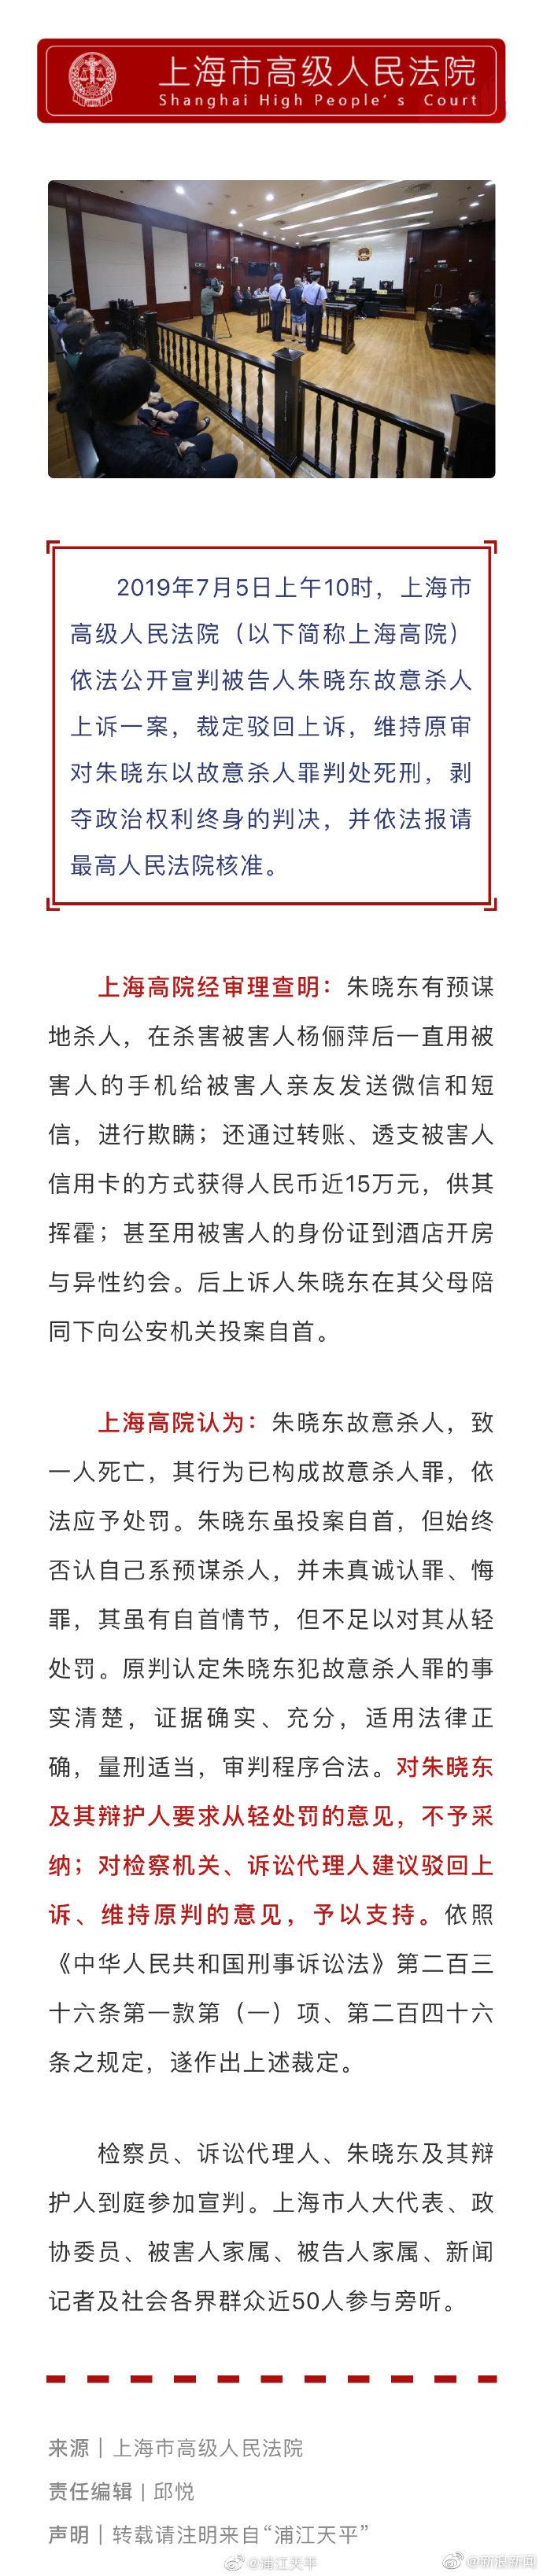 上海杀妻藏尸案二审宣判:维持原审对朱晓东以故意杀人罪判处死刑